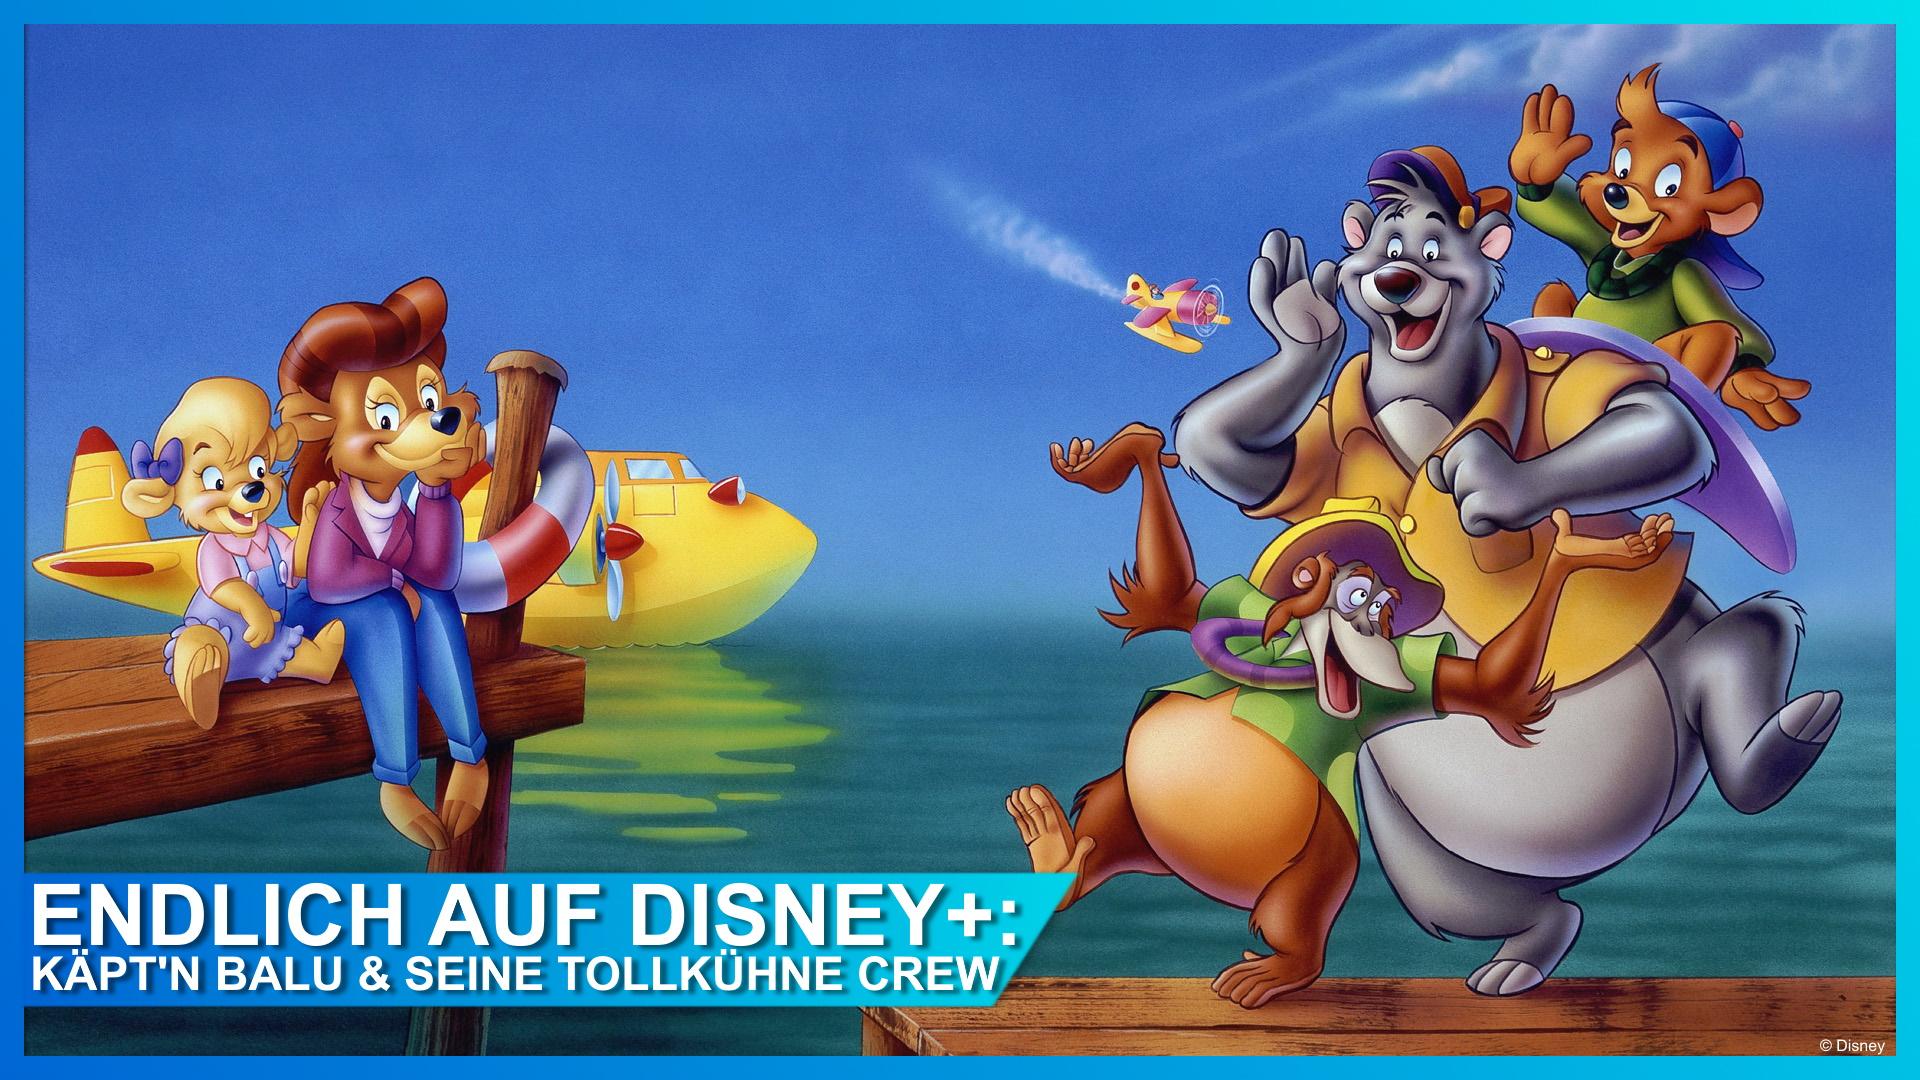 Käpt'n Balu & seine tollkühne Crew Disney+